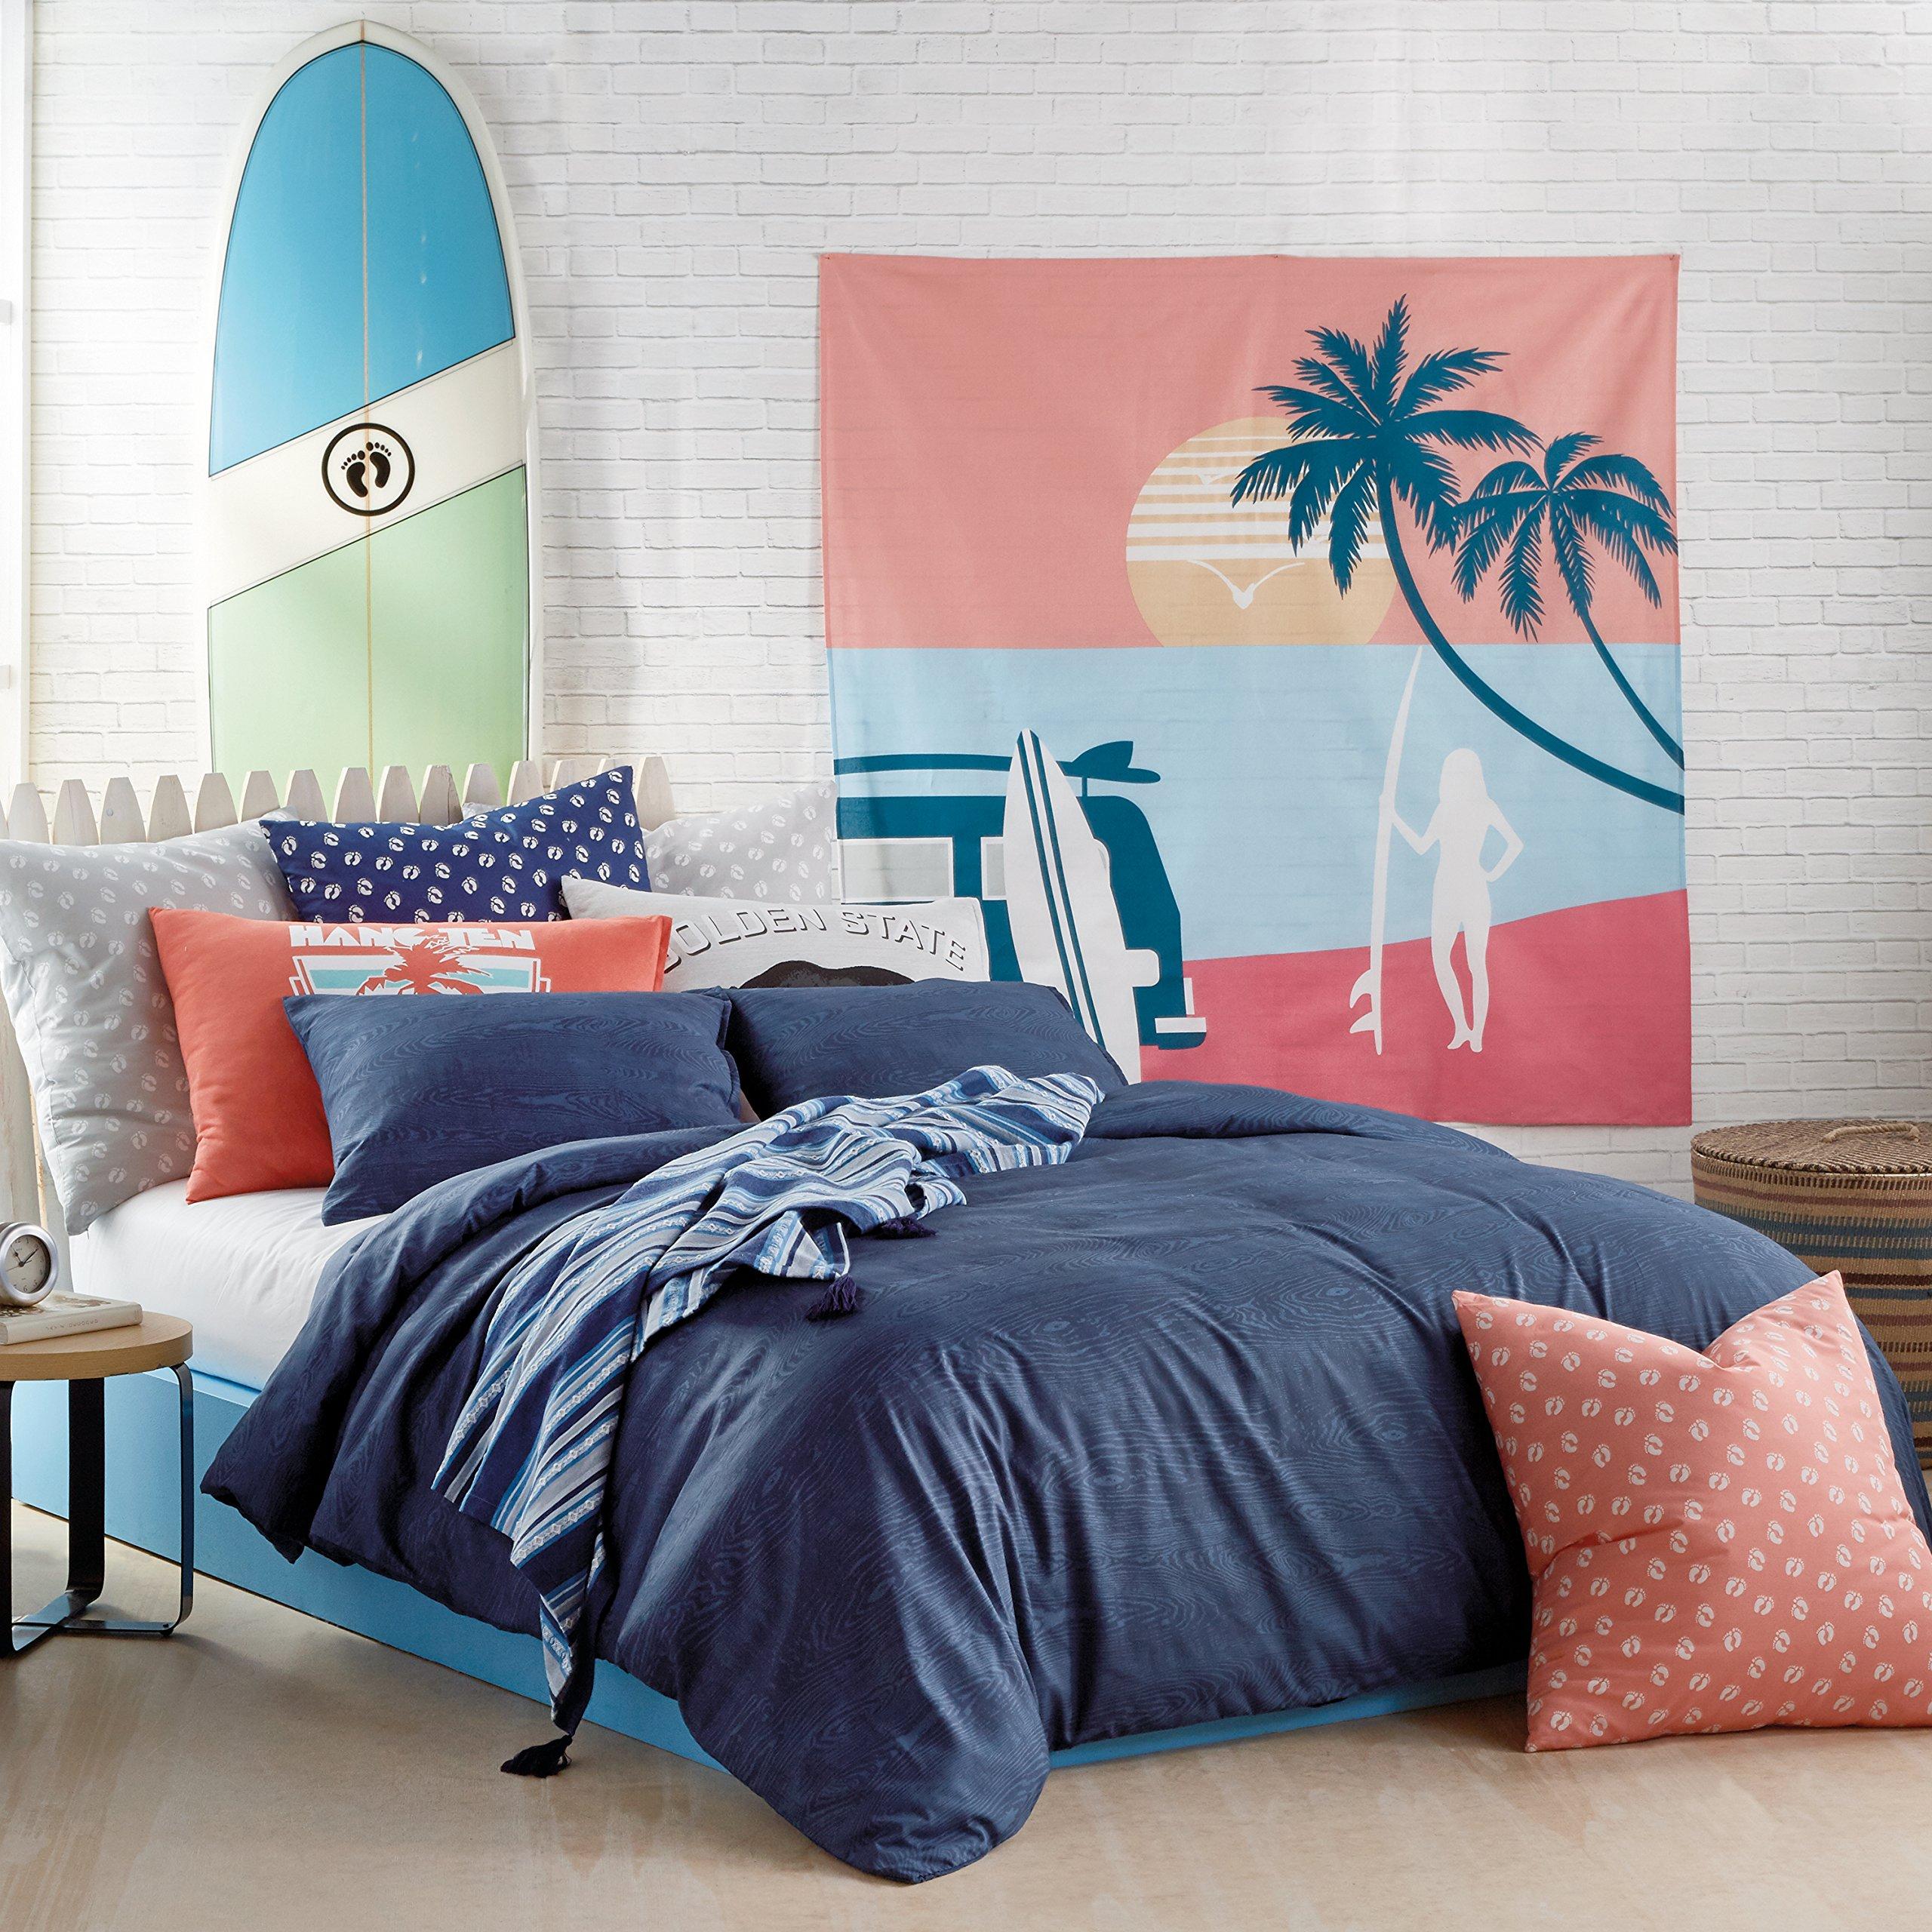 Hang Ten Woodgrain Reversible Comforter Set, Navy, Full Queen